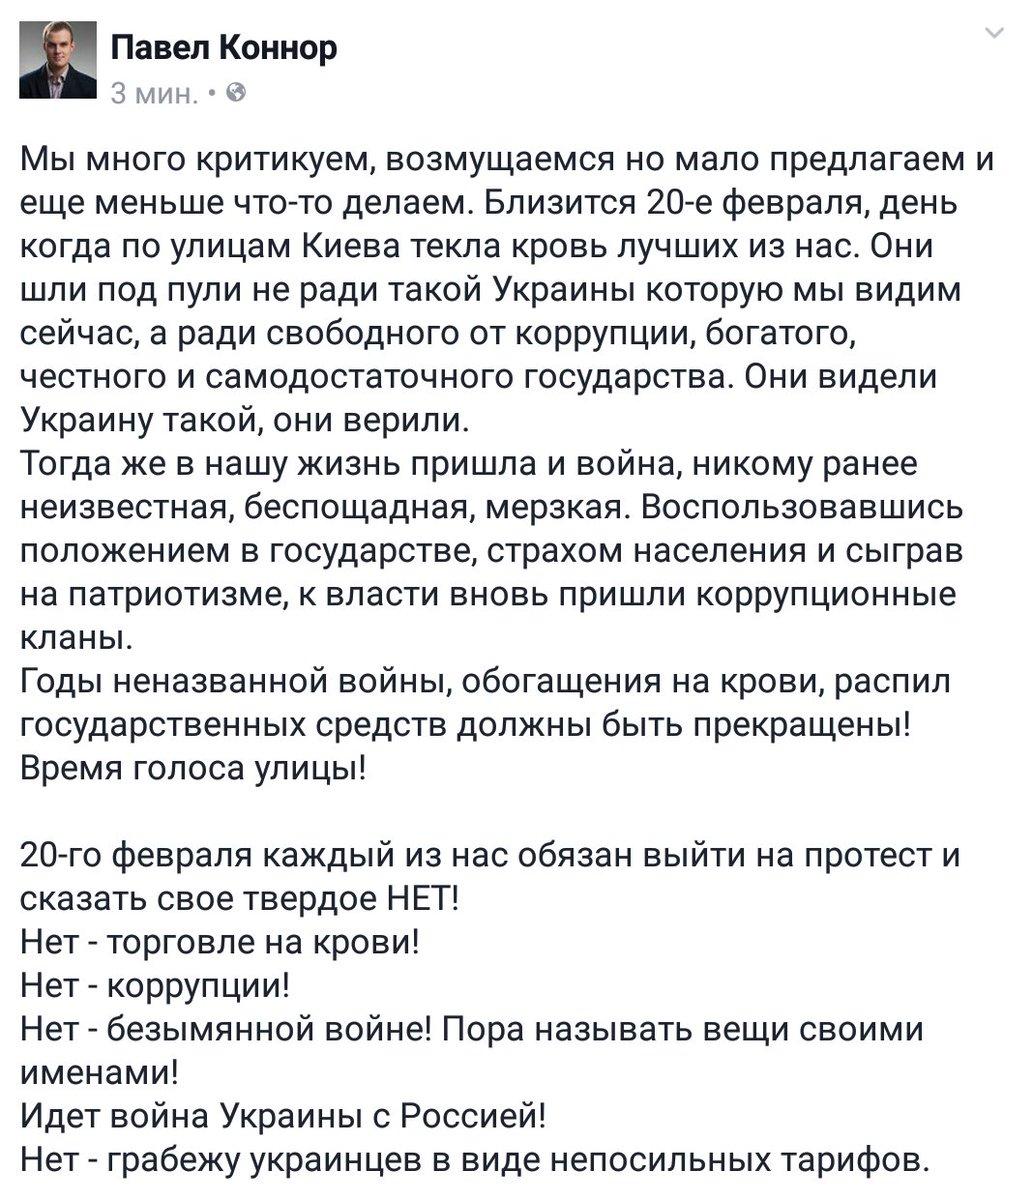 """""""Нам надо ускорить переоснащение и перевооружение украинской армии"""", - Гройсман - Цензор.НЕТ 5967"""